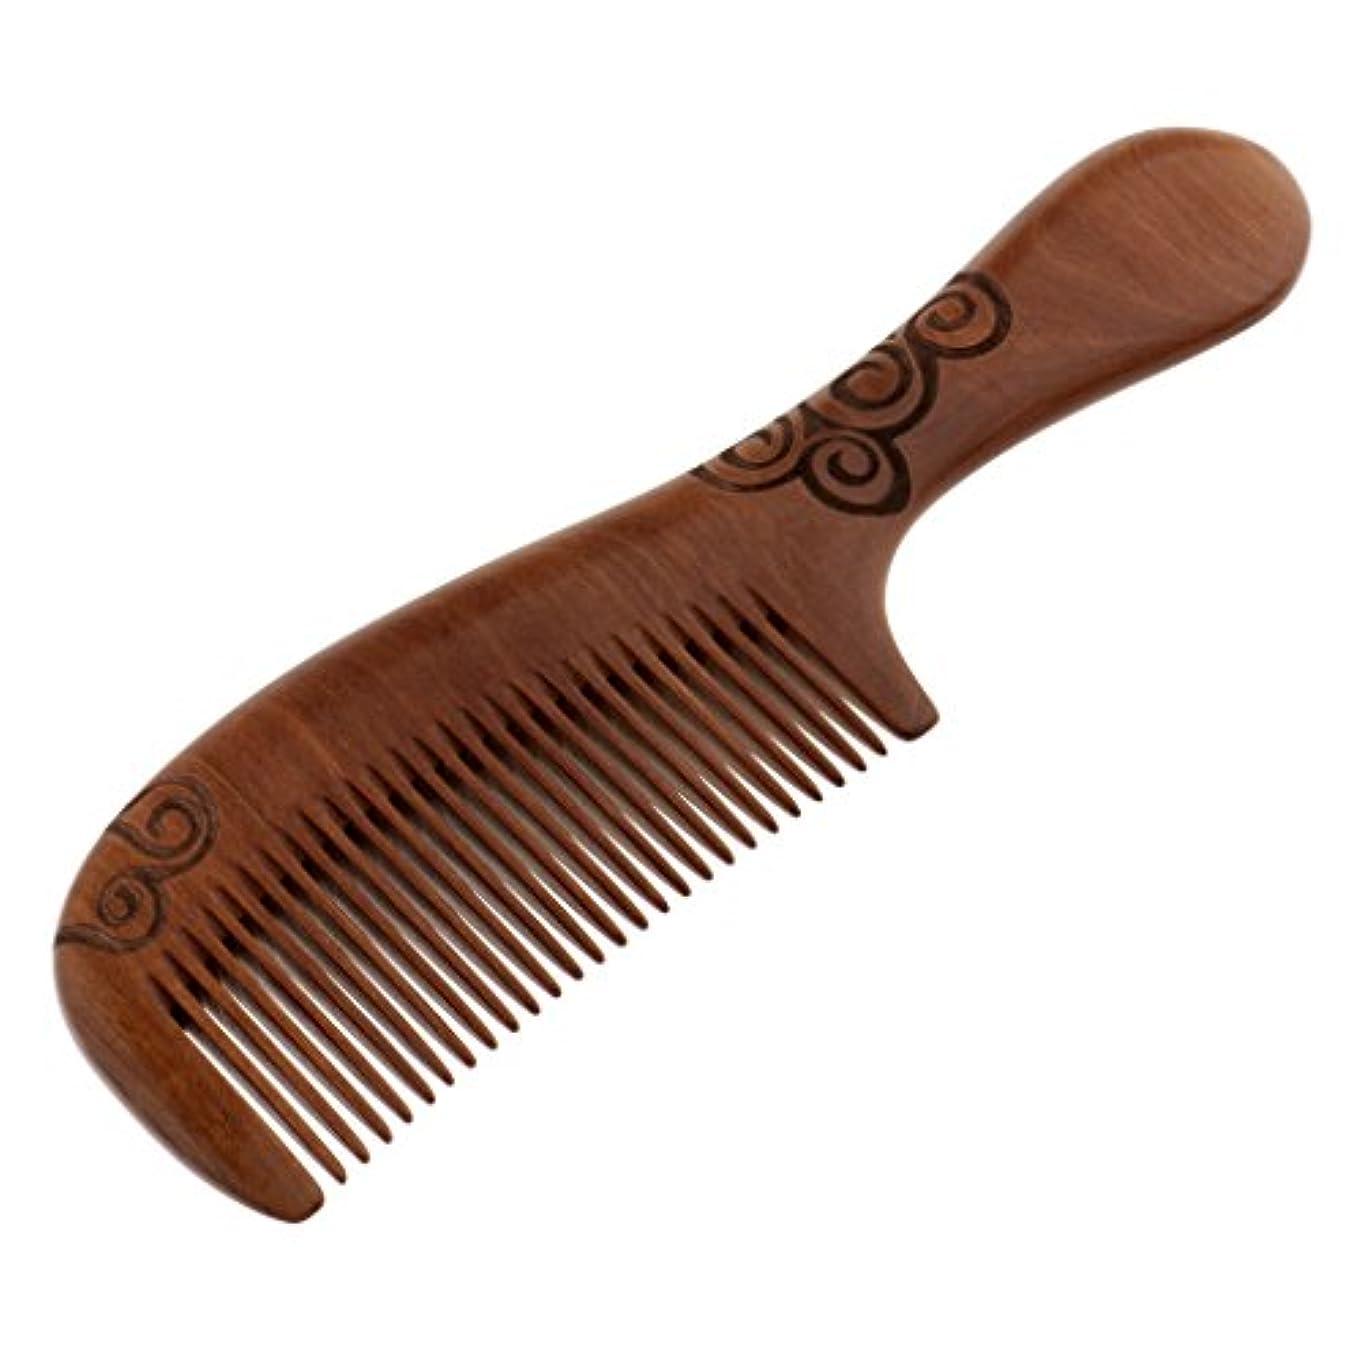 尋ねるロッカー厚さToygogo くし コーム 木製 頭皮マッサージ ヘア櫛 木製ヘアコーム ヘアケア 髪の櫛 帯電防止 耐熱性